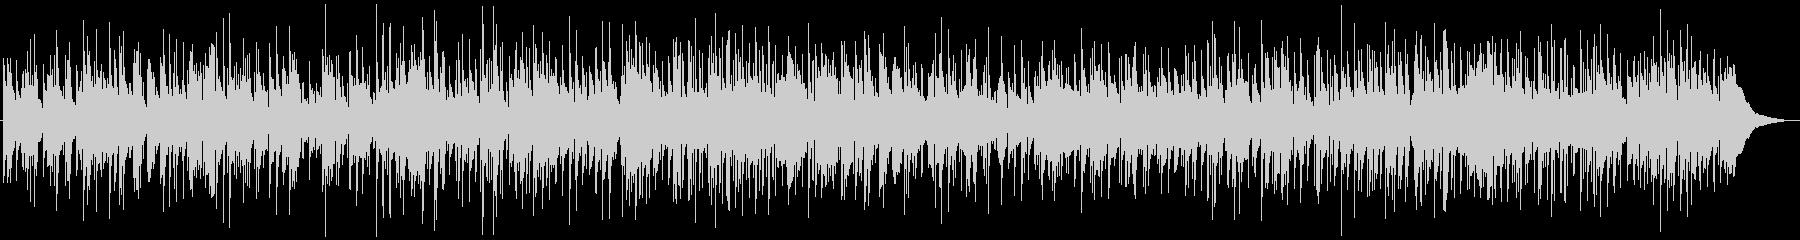 ほのぼのとしたピアノのカントリーバラードの未再生の波形